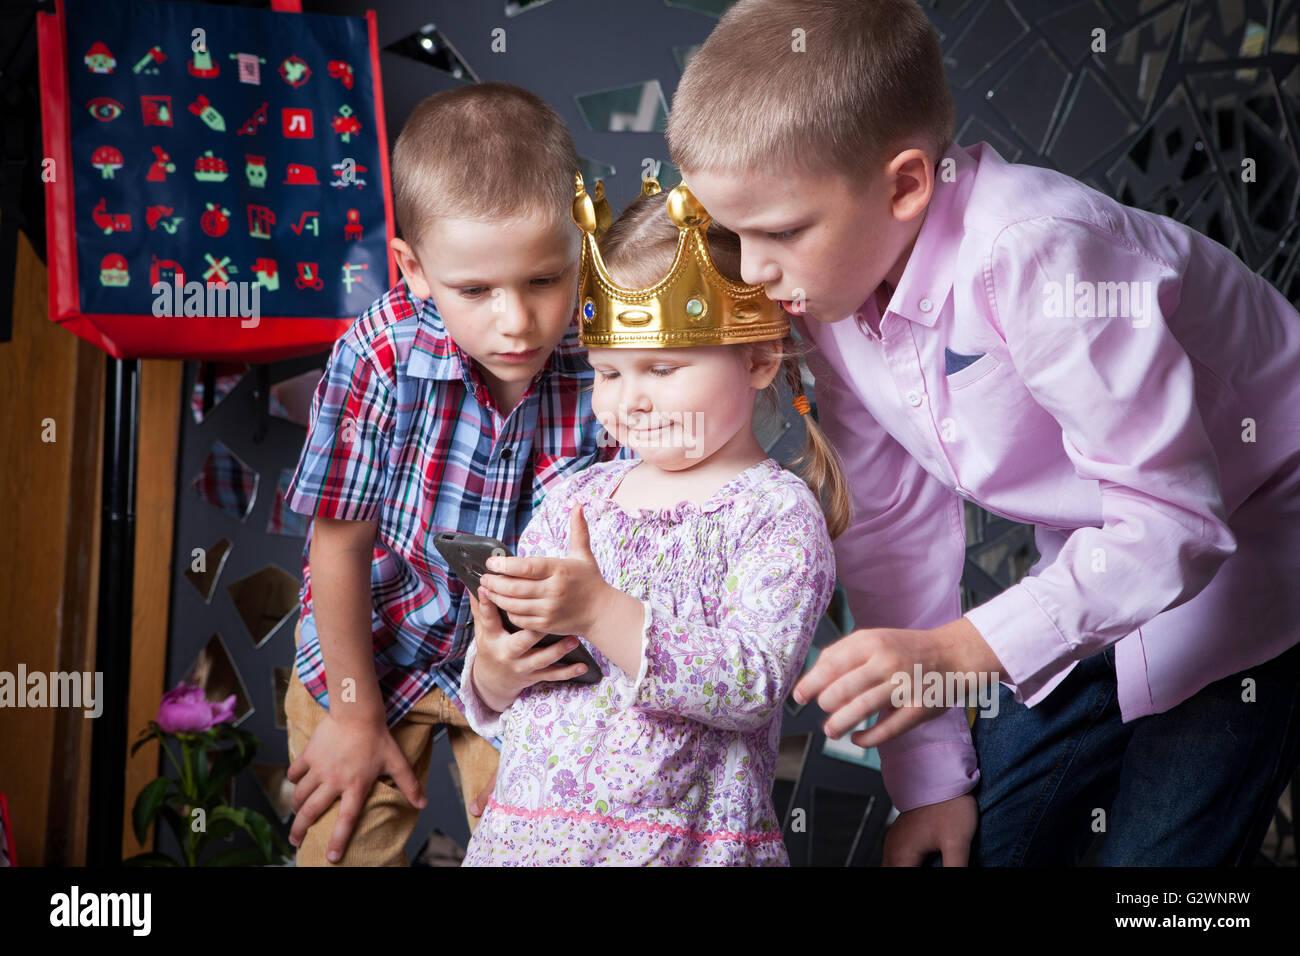 Los niños y niñas de teléfono inteligente considerar cuidadosamente el teléfono inteligente, la chica con los muchachos, Foto de stock